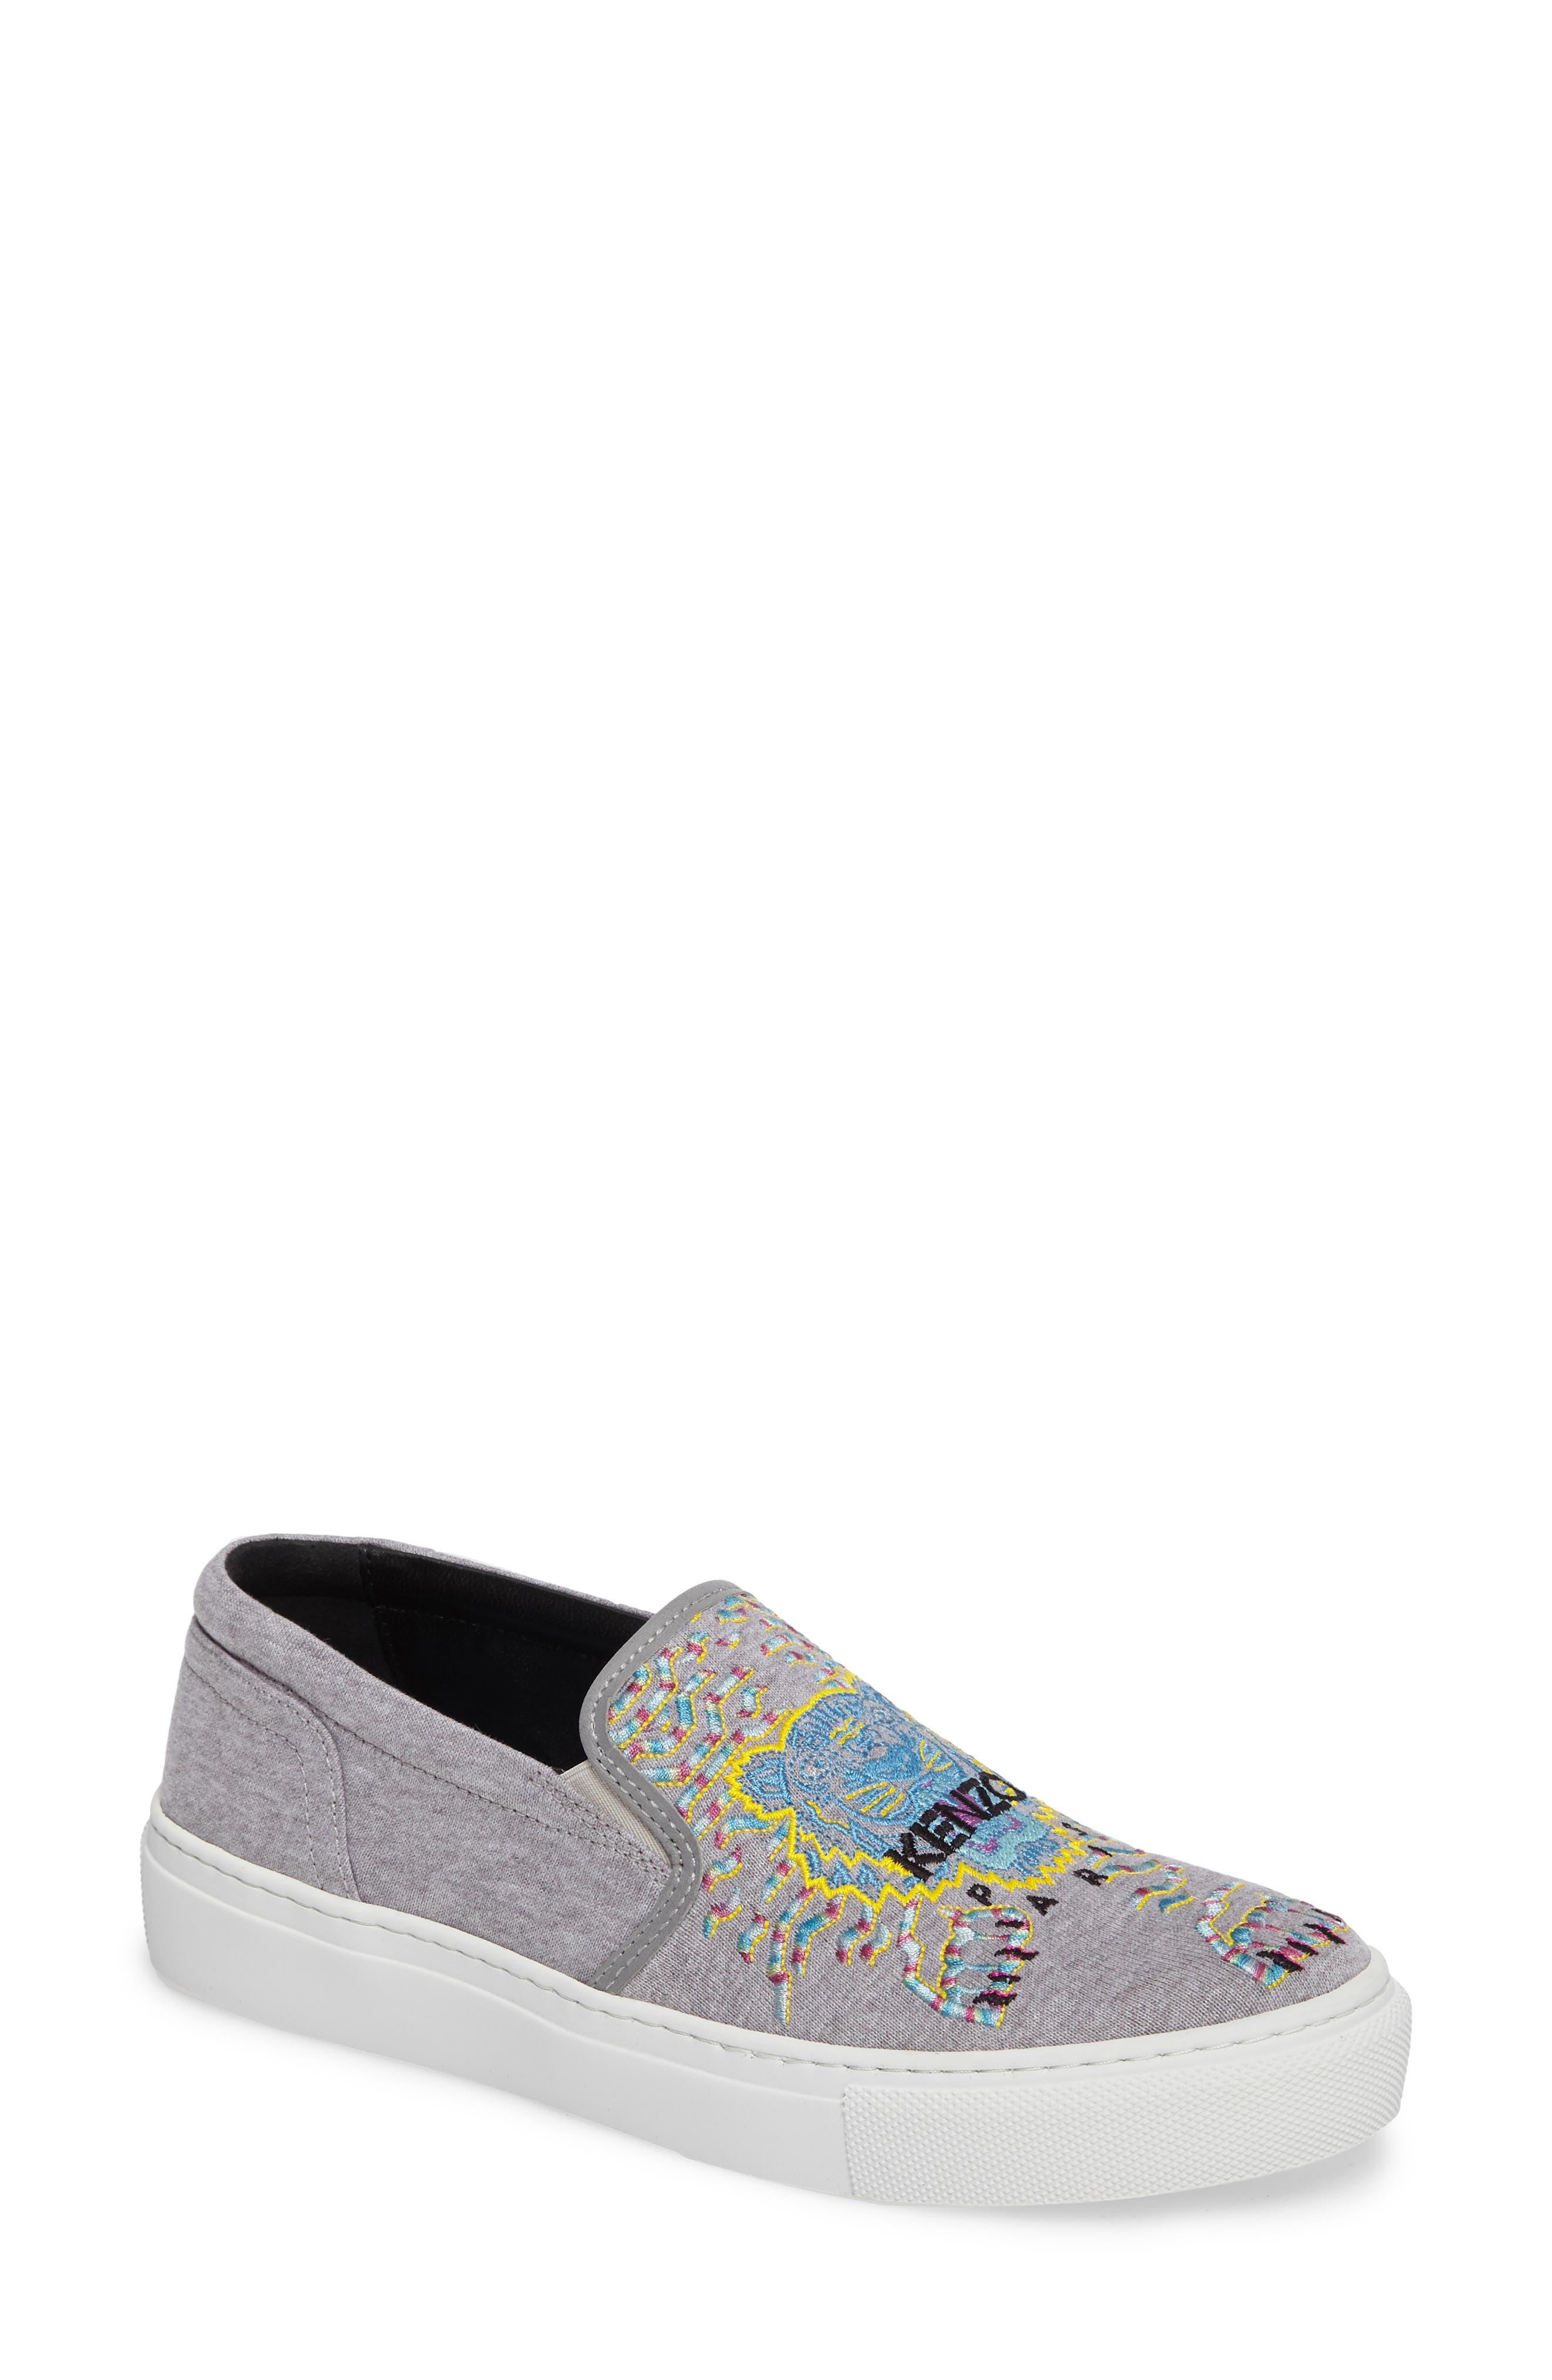 Main Image - KENZO K Skate Embroidered Slip-On Sneaker (Women)